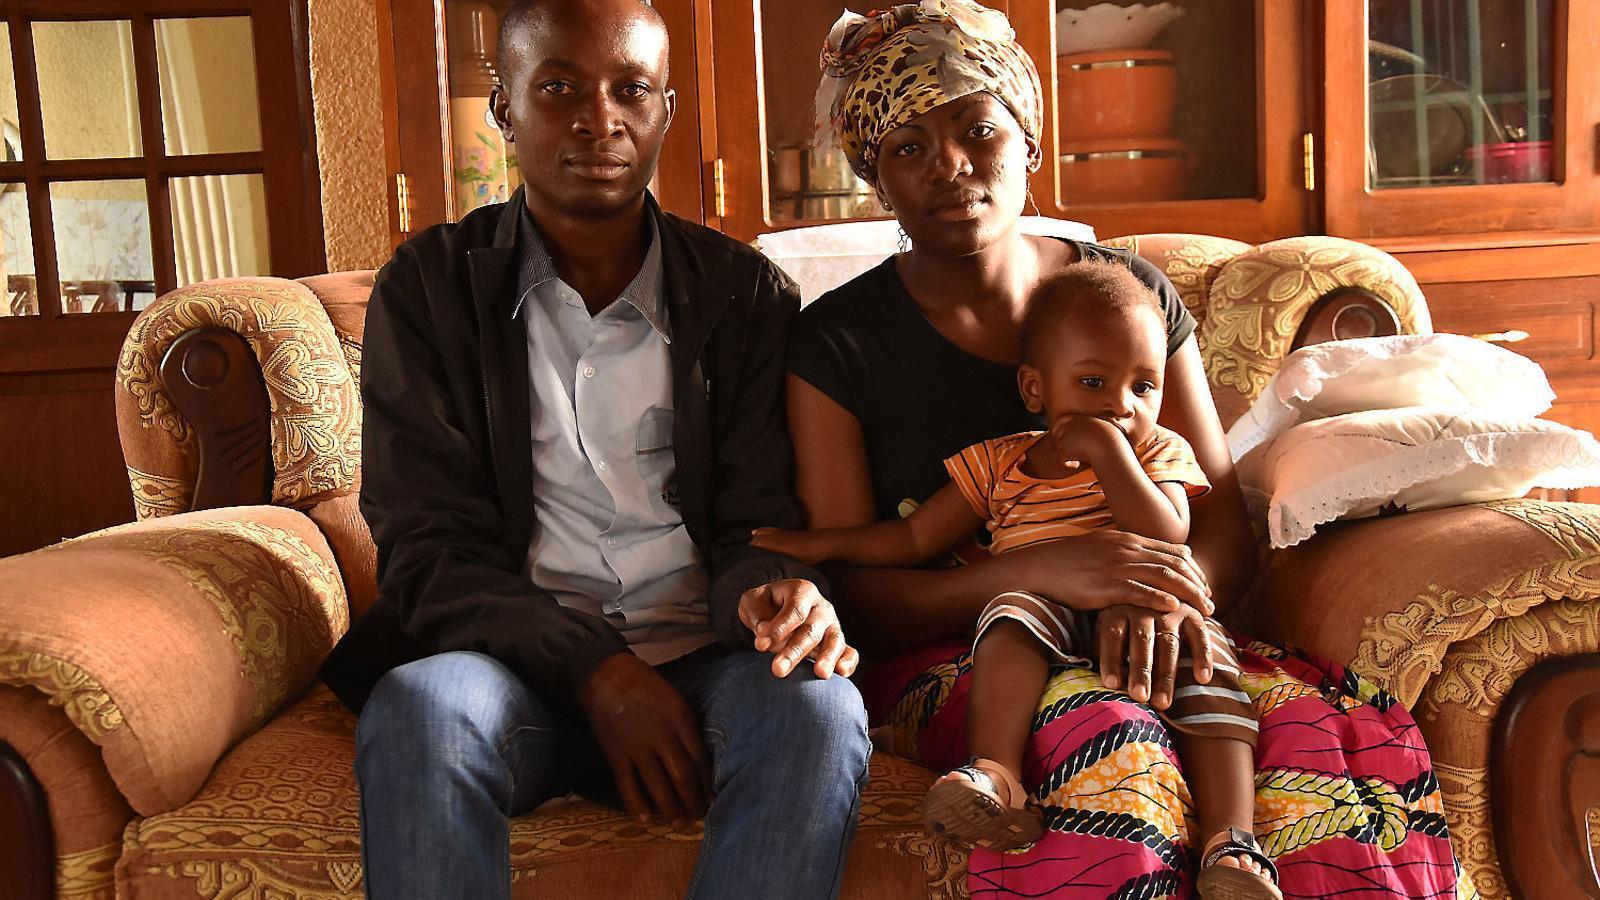 """Testimonis de supervivents de l'Ebola: """"Cada cop que moria algú al centre veia passar el taüt pel meu davant"""""""